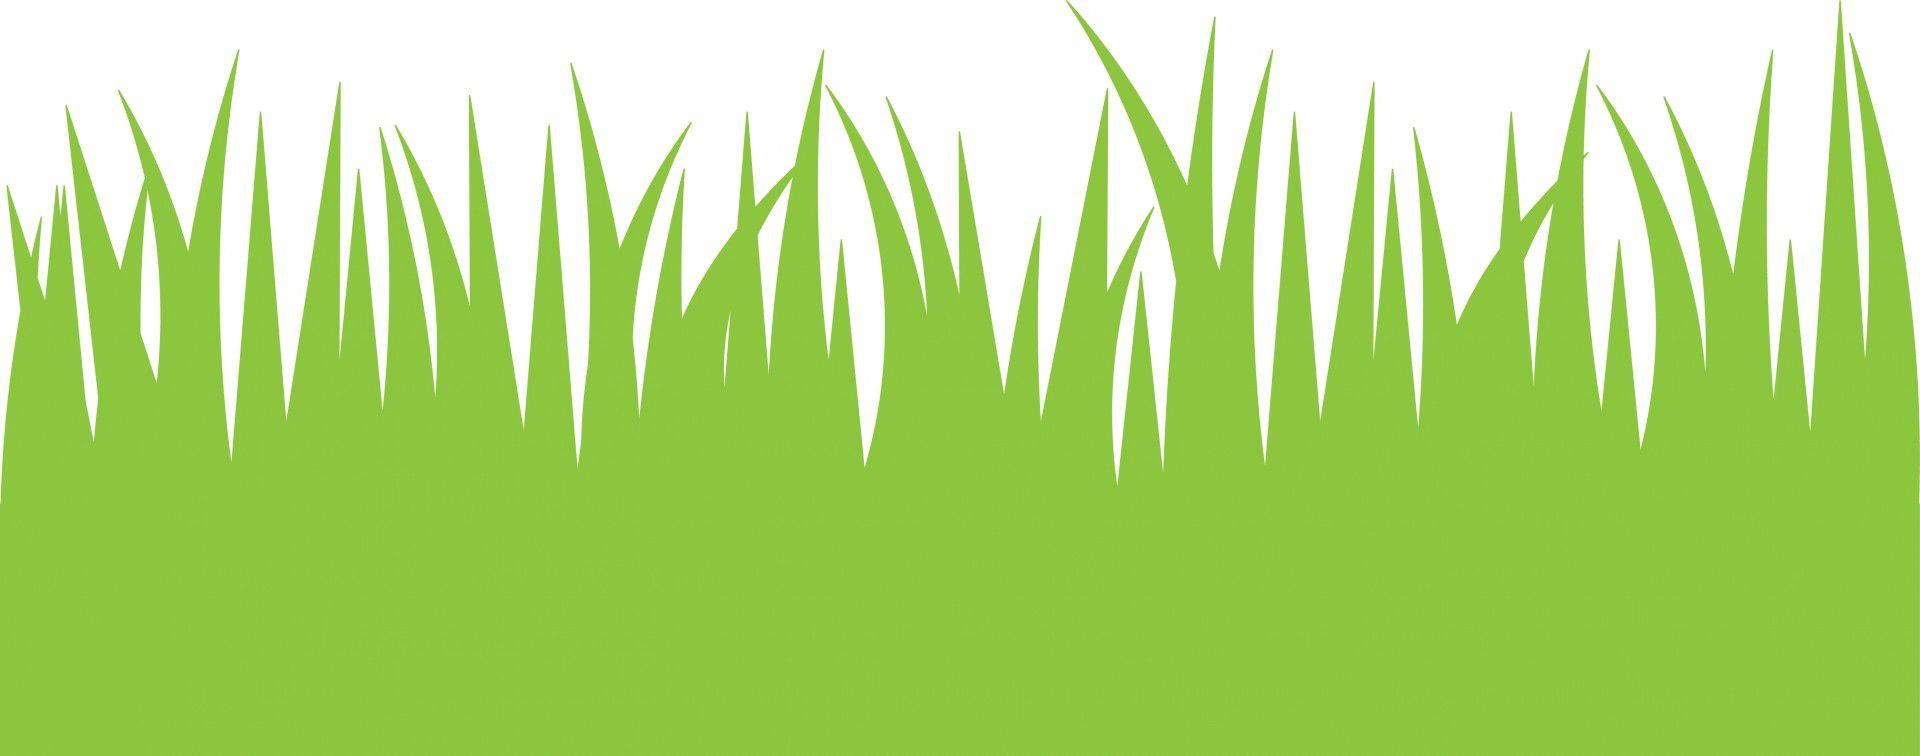 Grass Clip Art Grass Clipart Grass Silhouette Grass Pattern